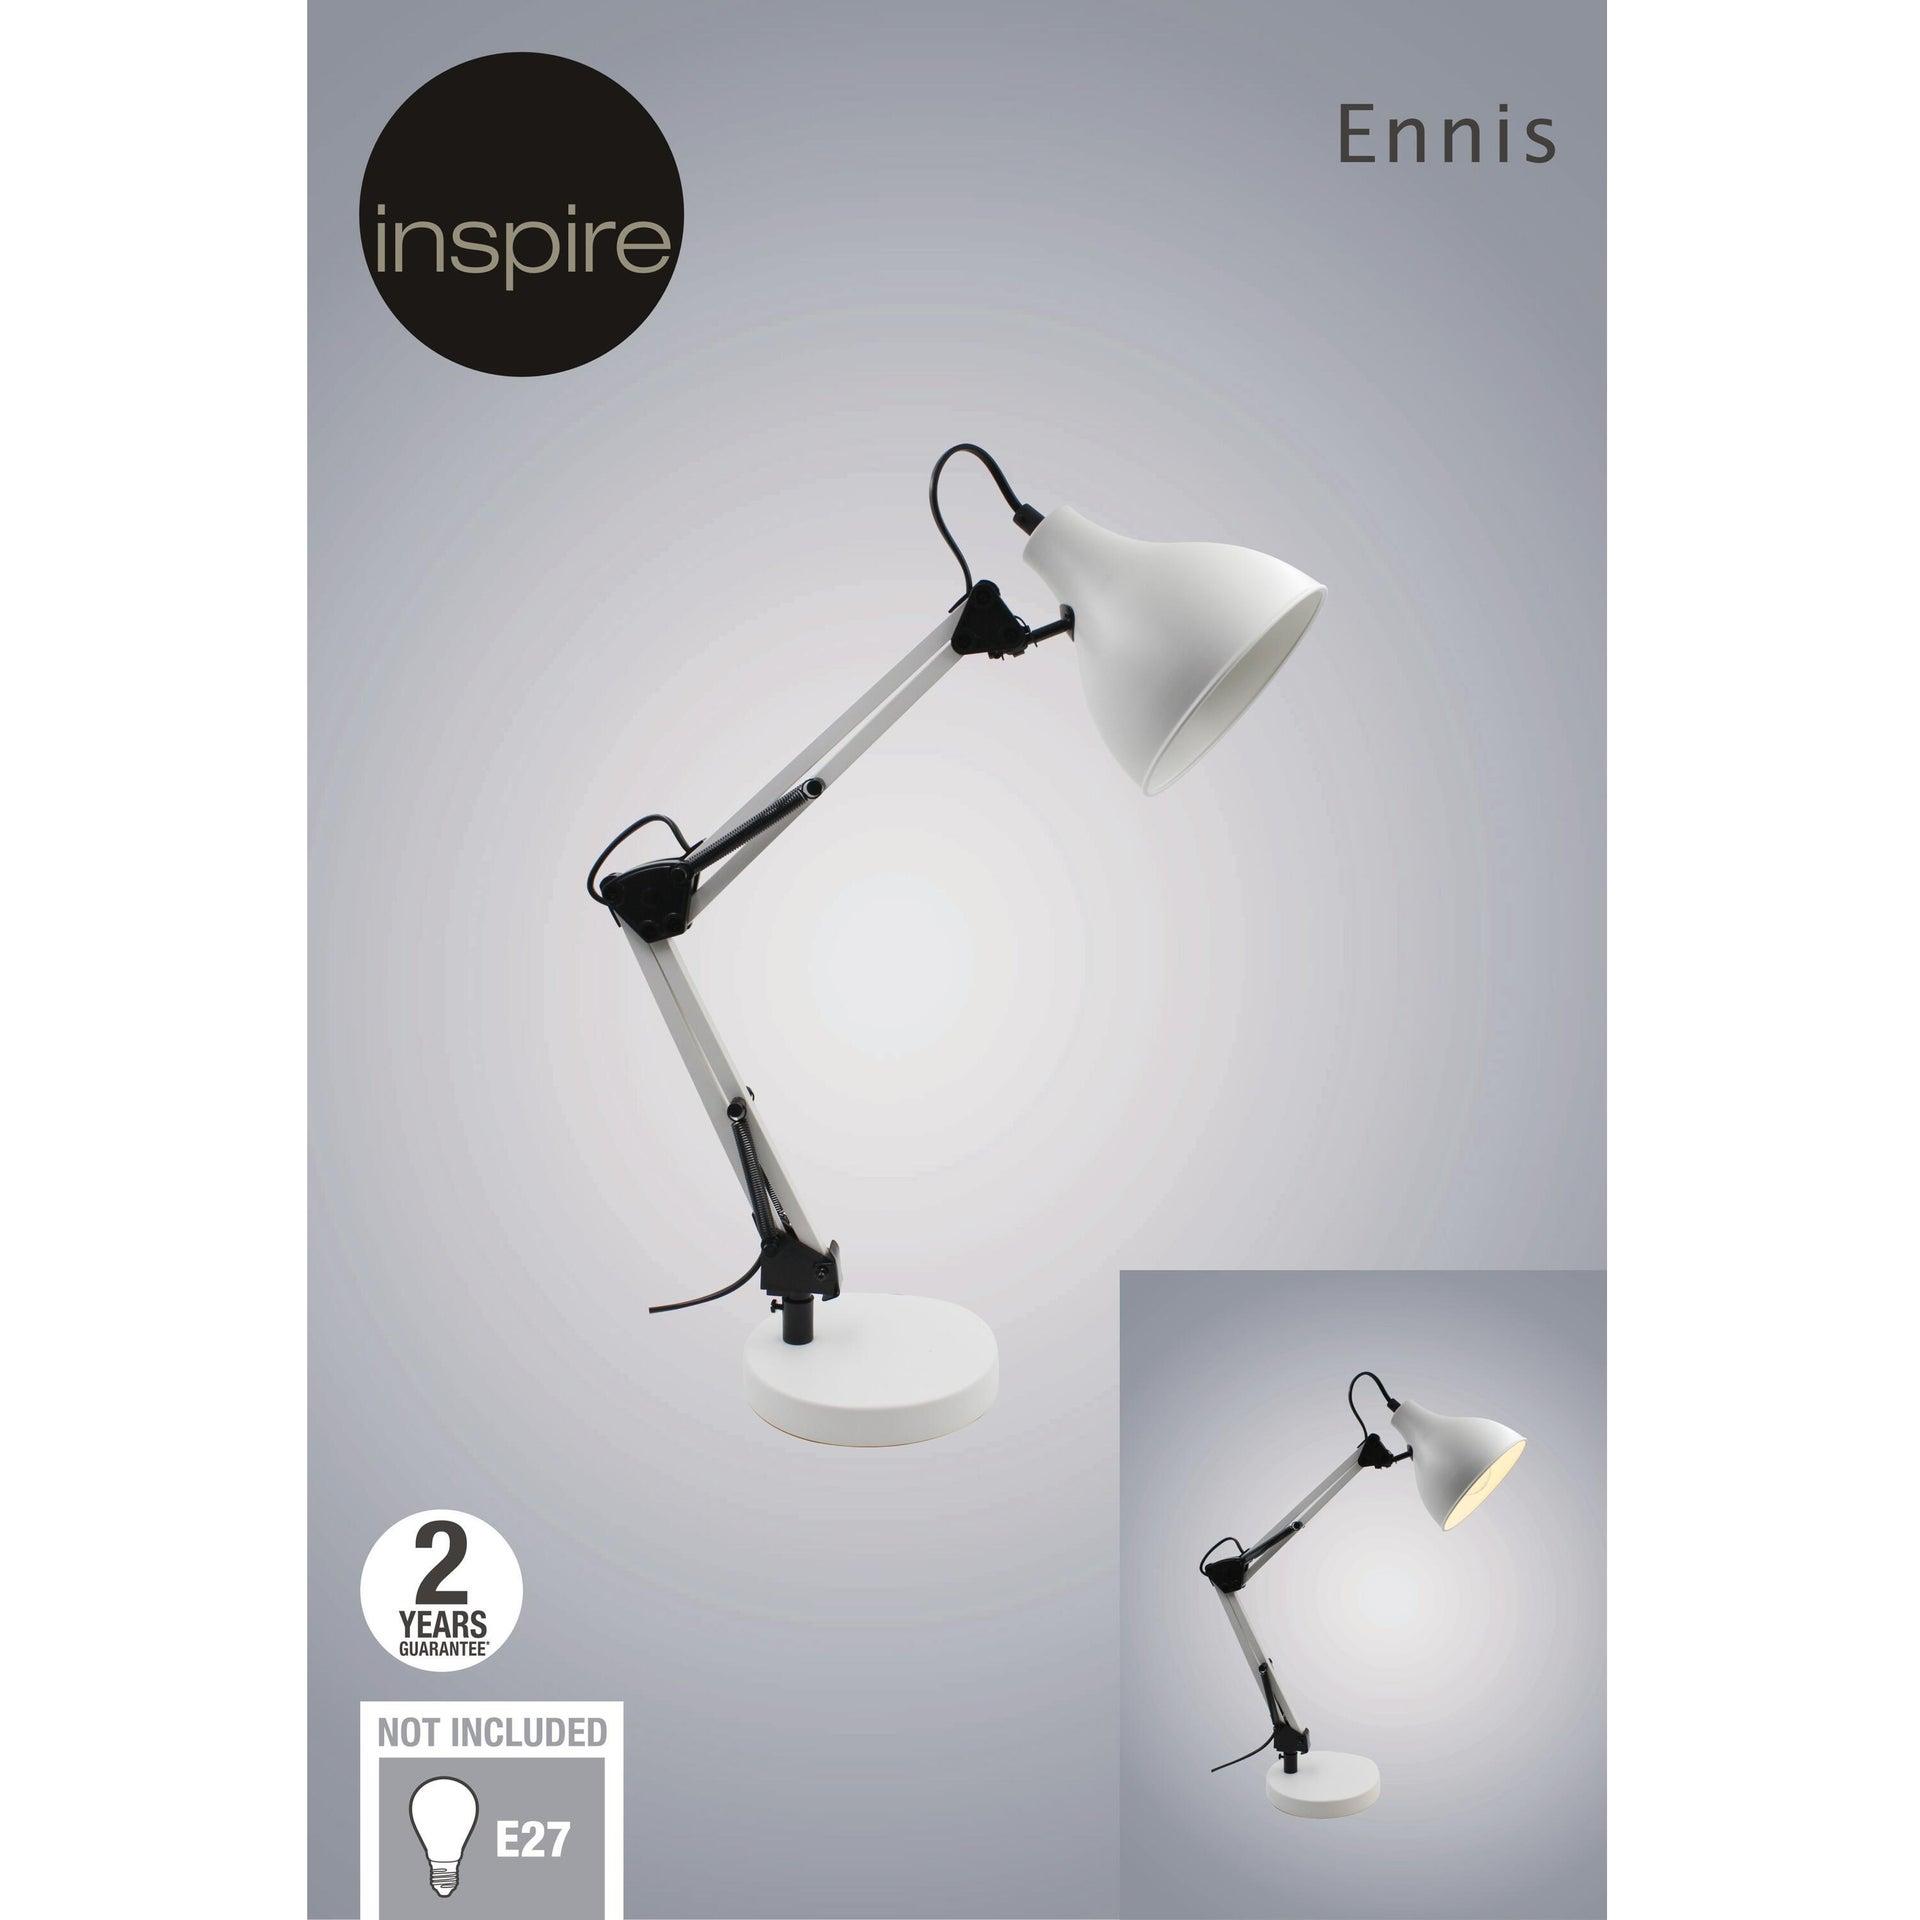 Lampada da scrivania Industriale Ennis bianco , in metallo, INSPIRE - 6